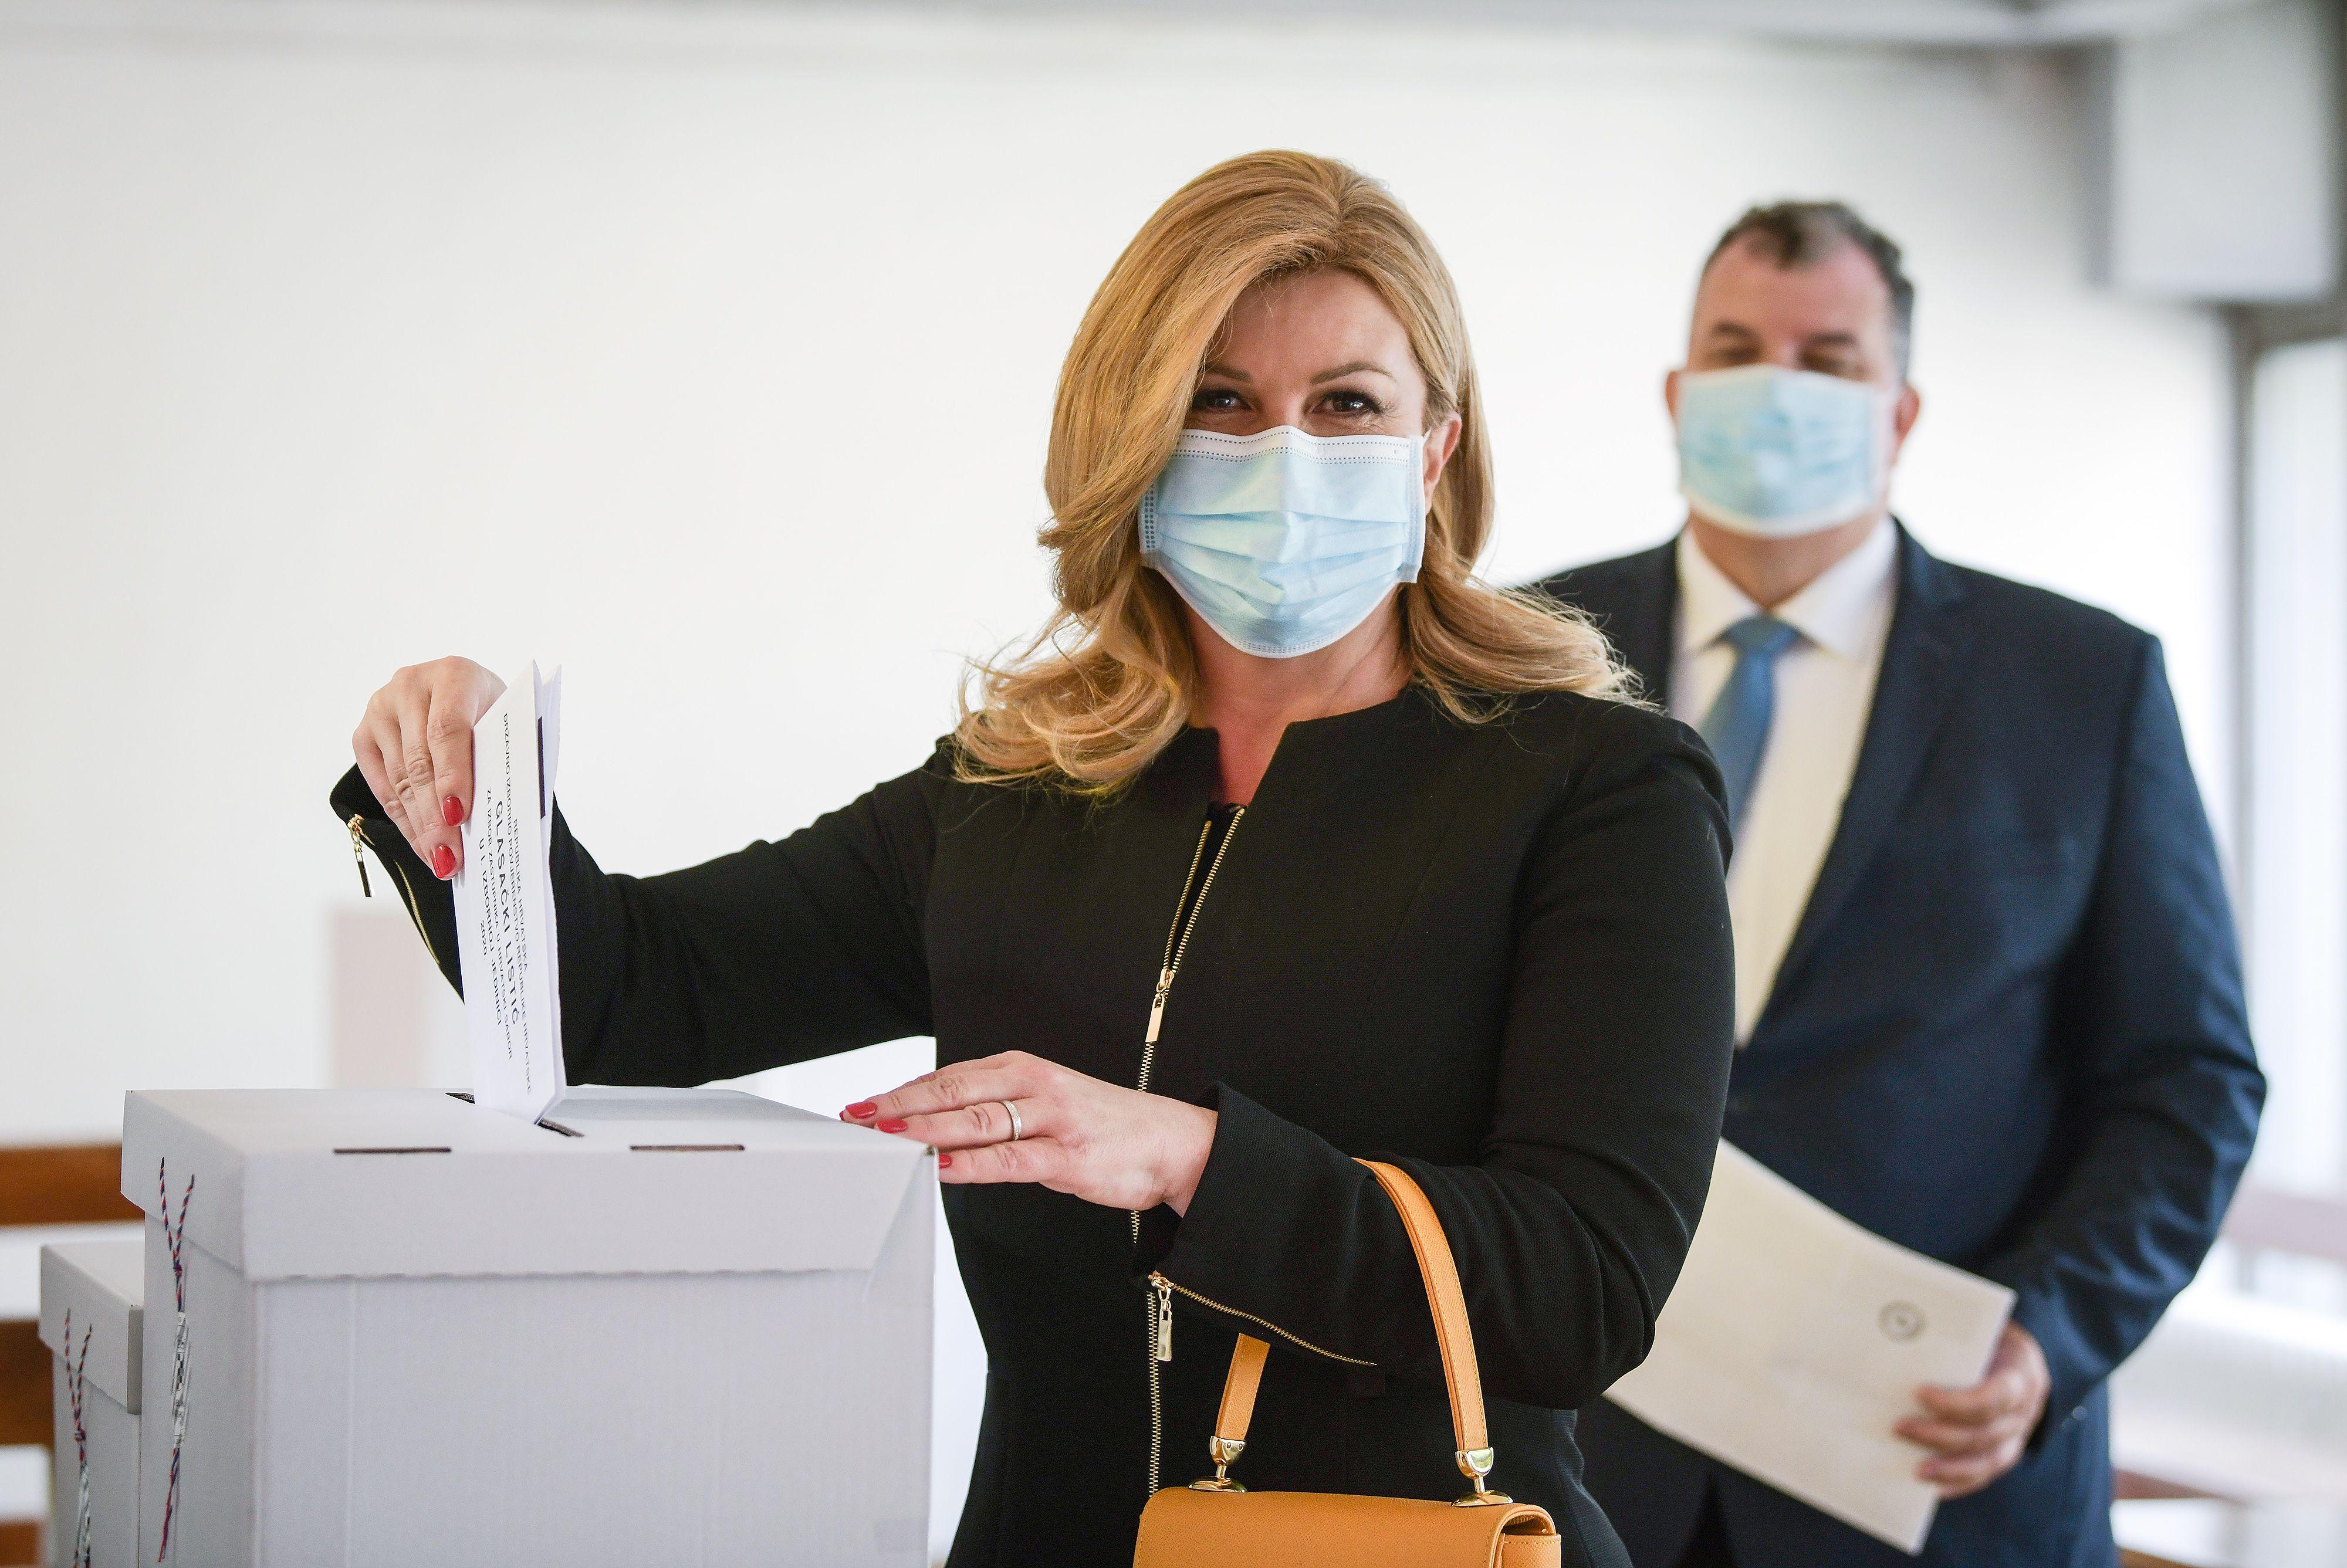 Izdanje u kojem je ne viđamo često: Za glasanje, Kolinda Grabar Kitarović odabrala trendi torbu i upečatljivu suknju